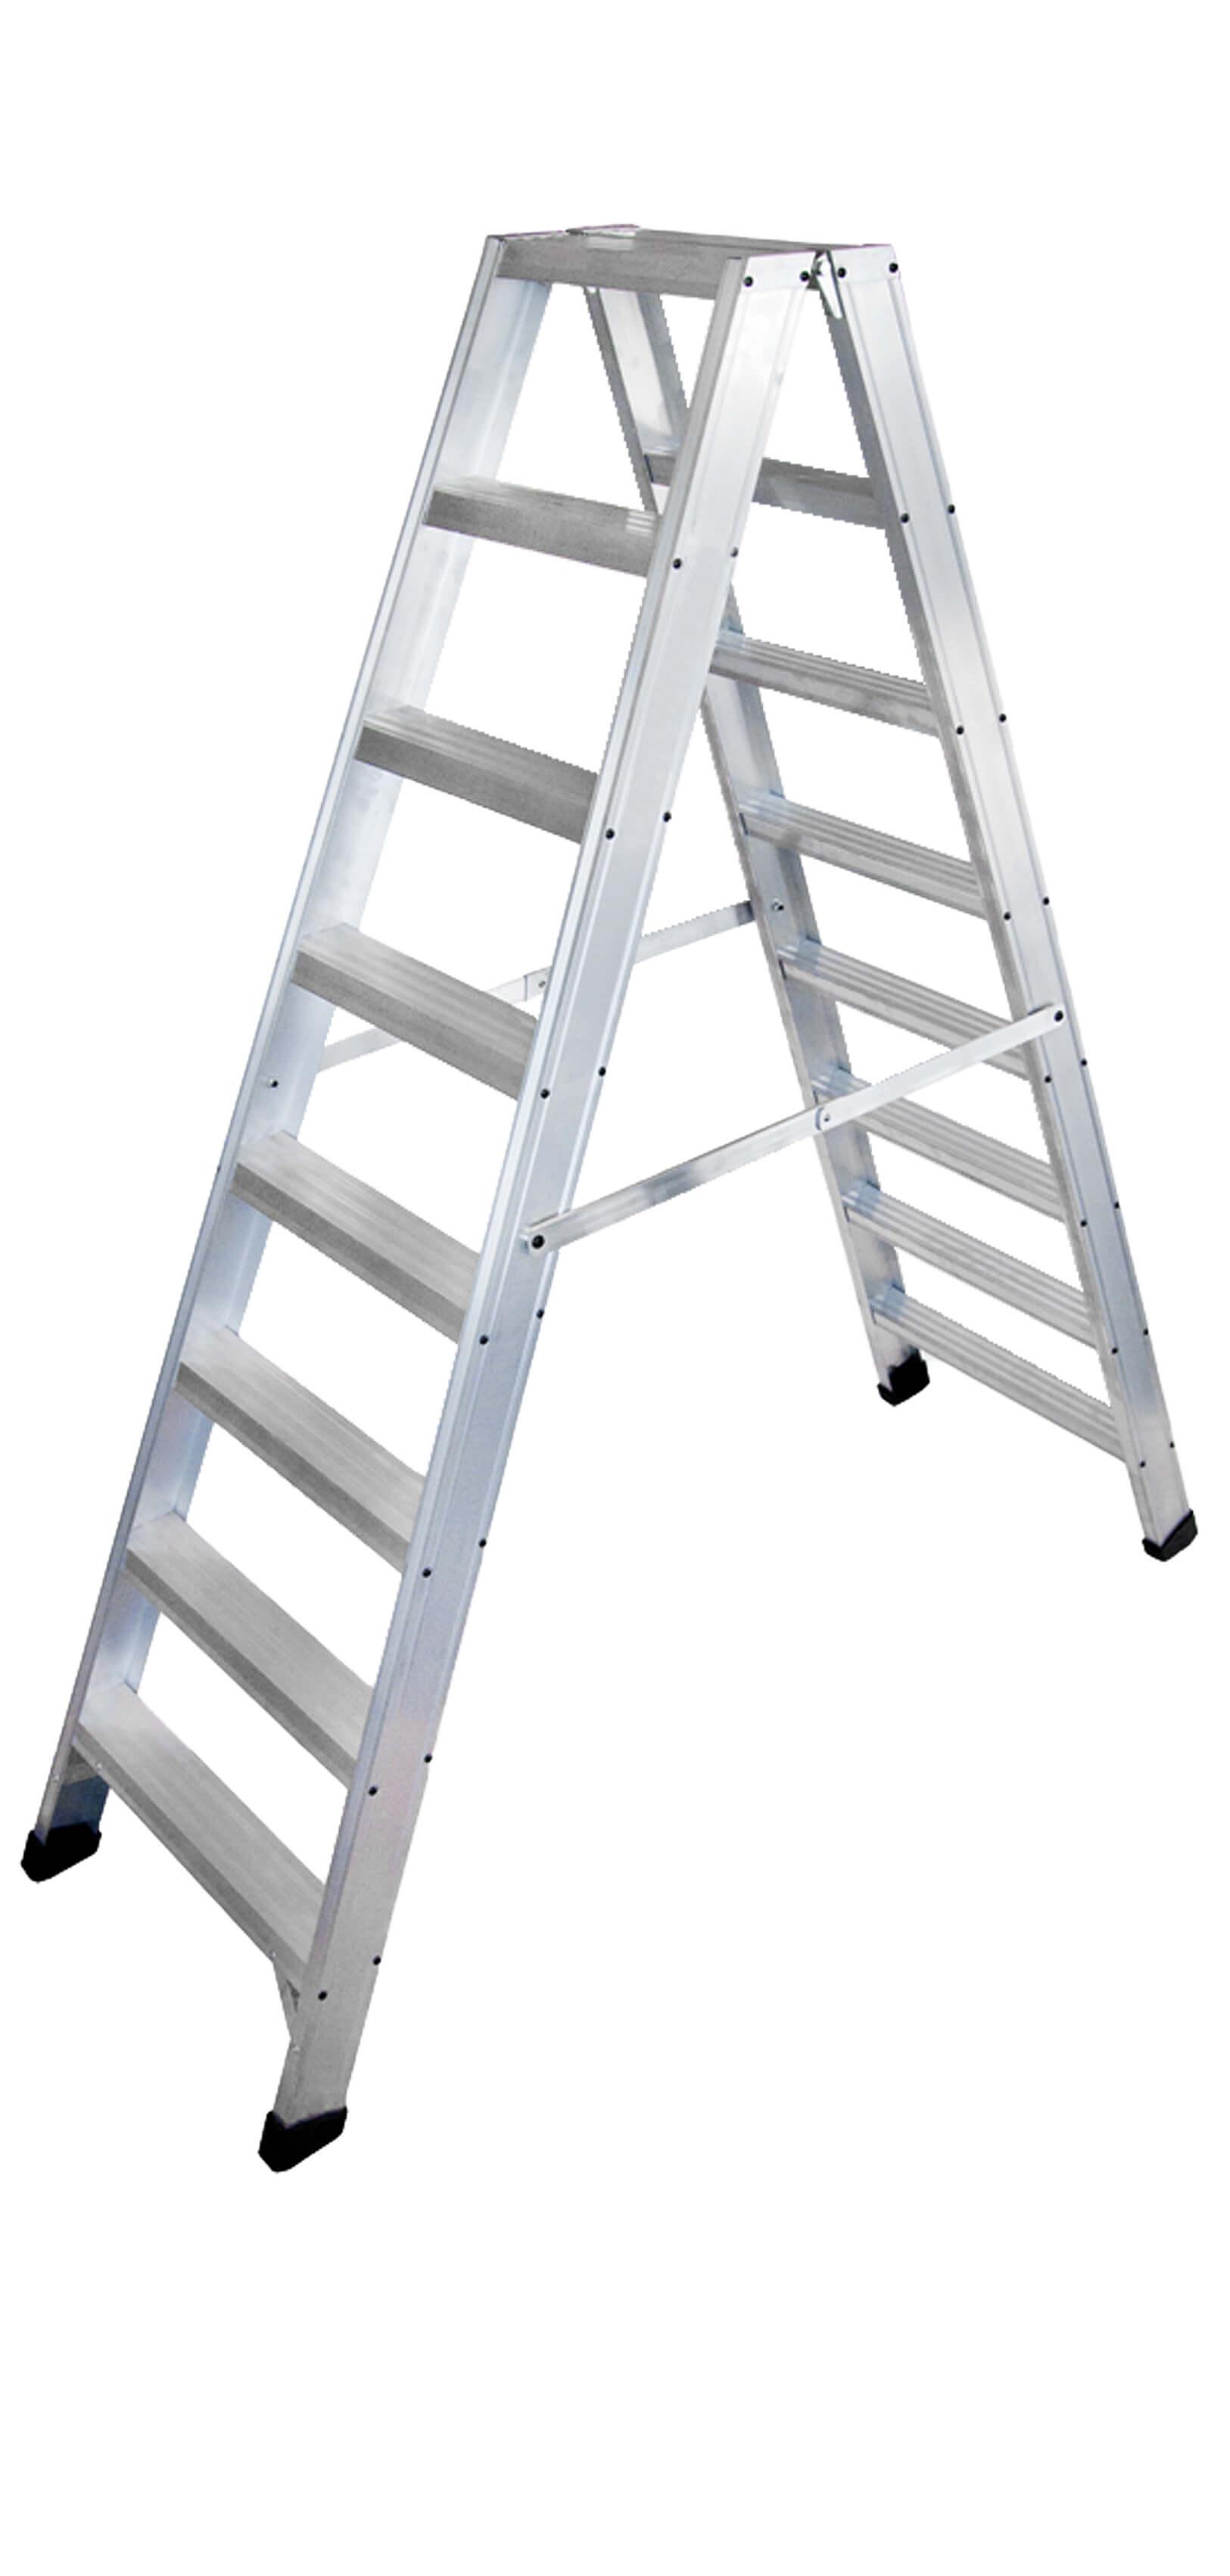 Escalera de tijera con plataforma escaleras arizona for Escaleras 10 peldanos de tijera